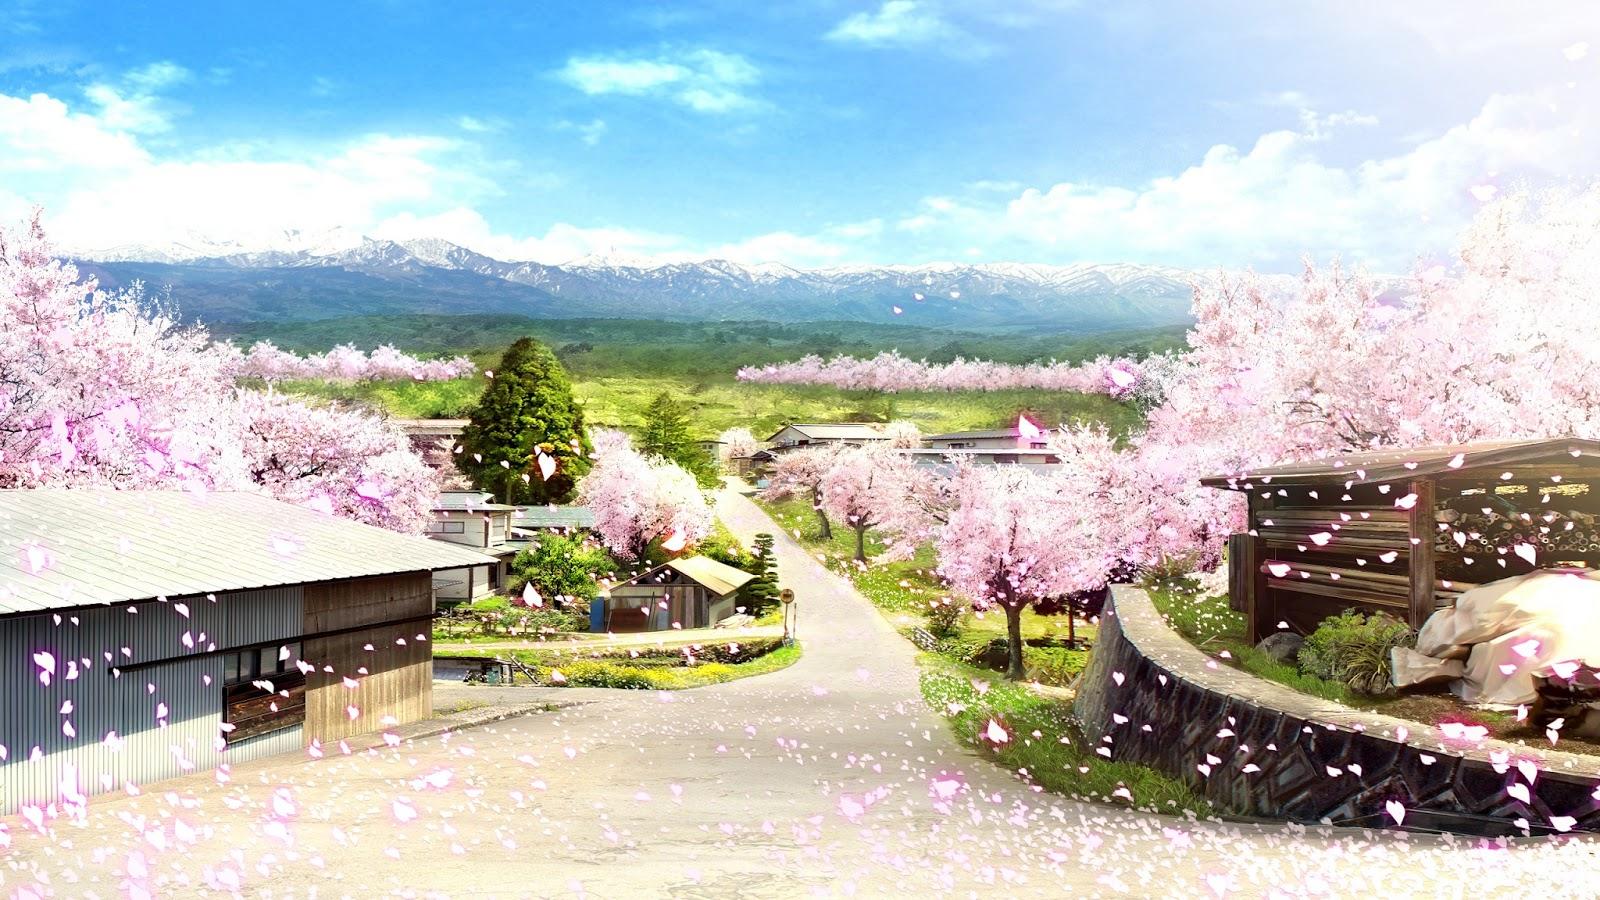 Anime Landscape: City Anime Landscape